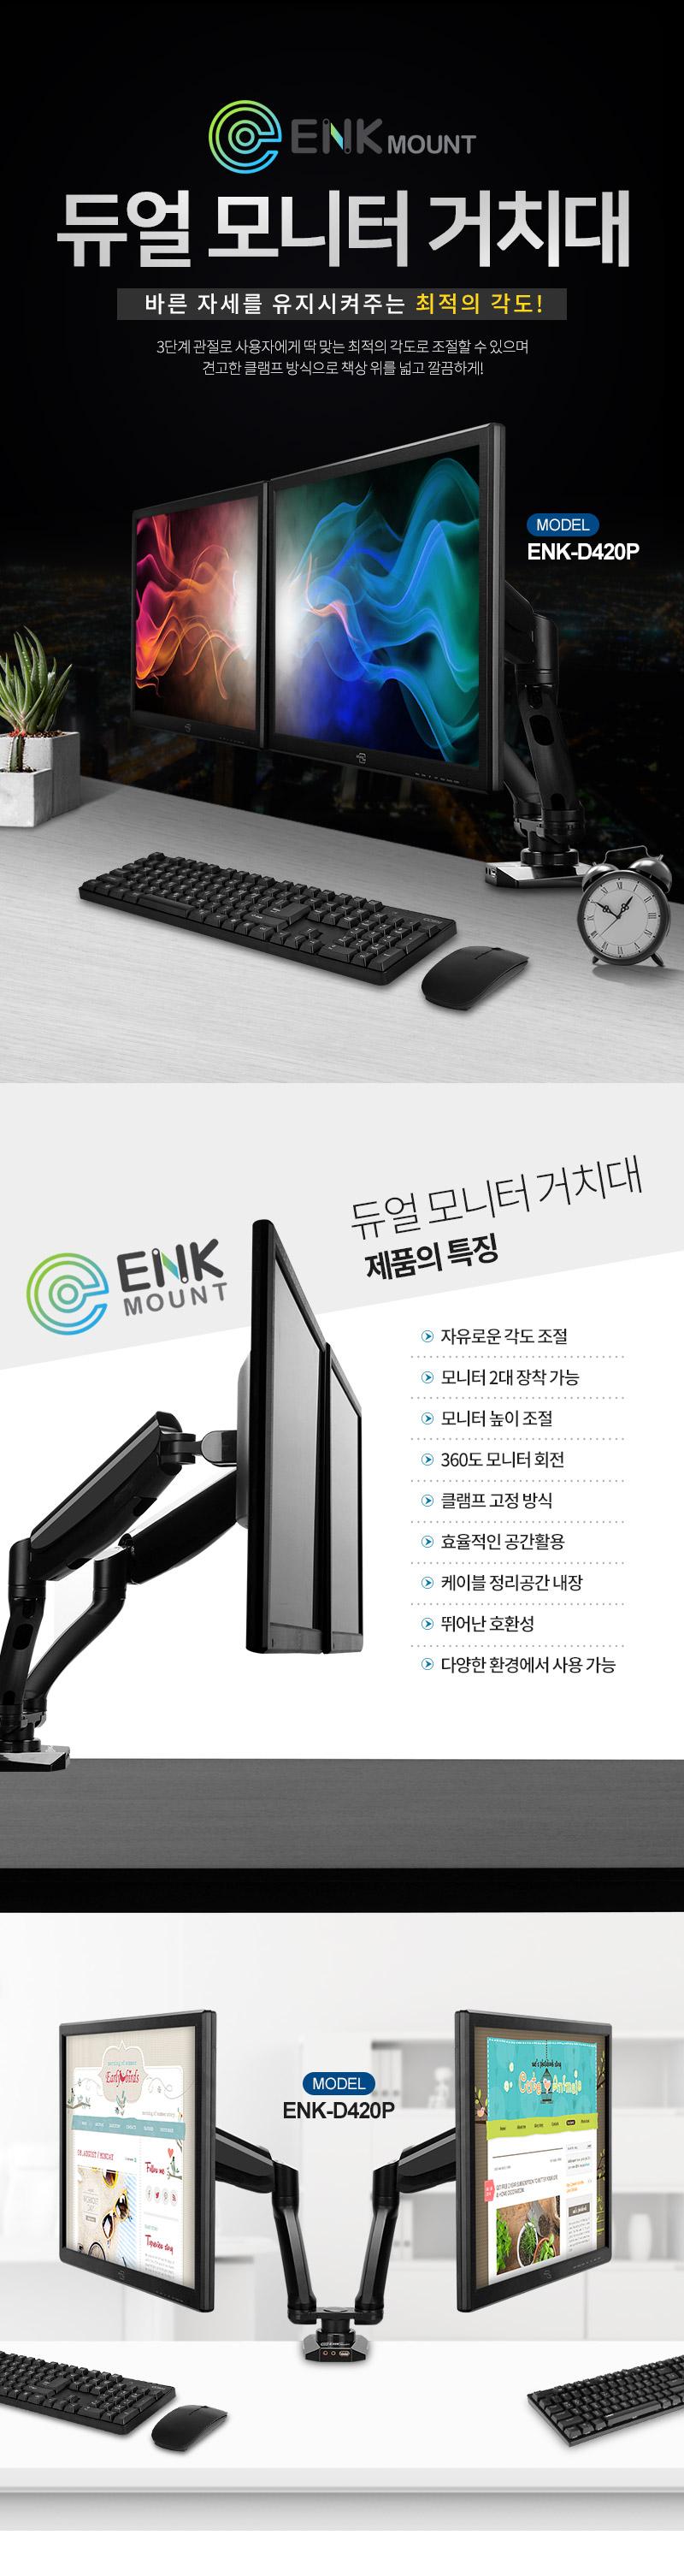 ENK-D420P_01.jpg